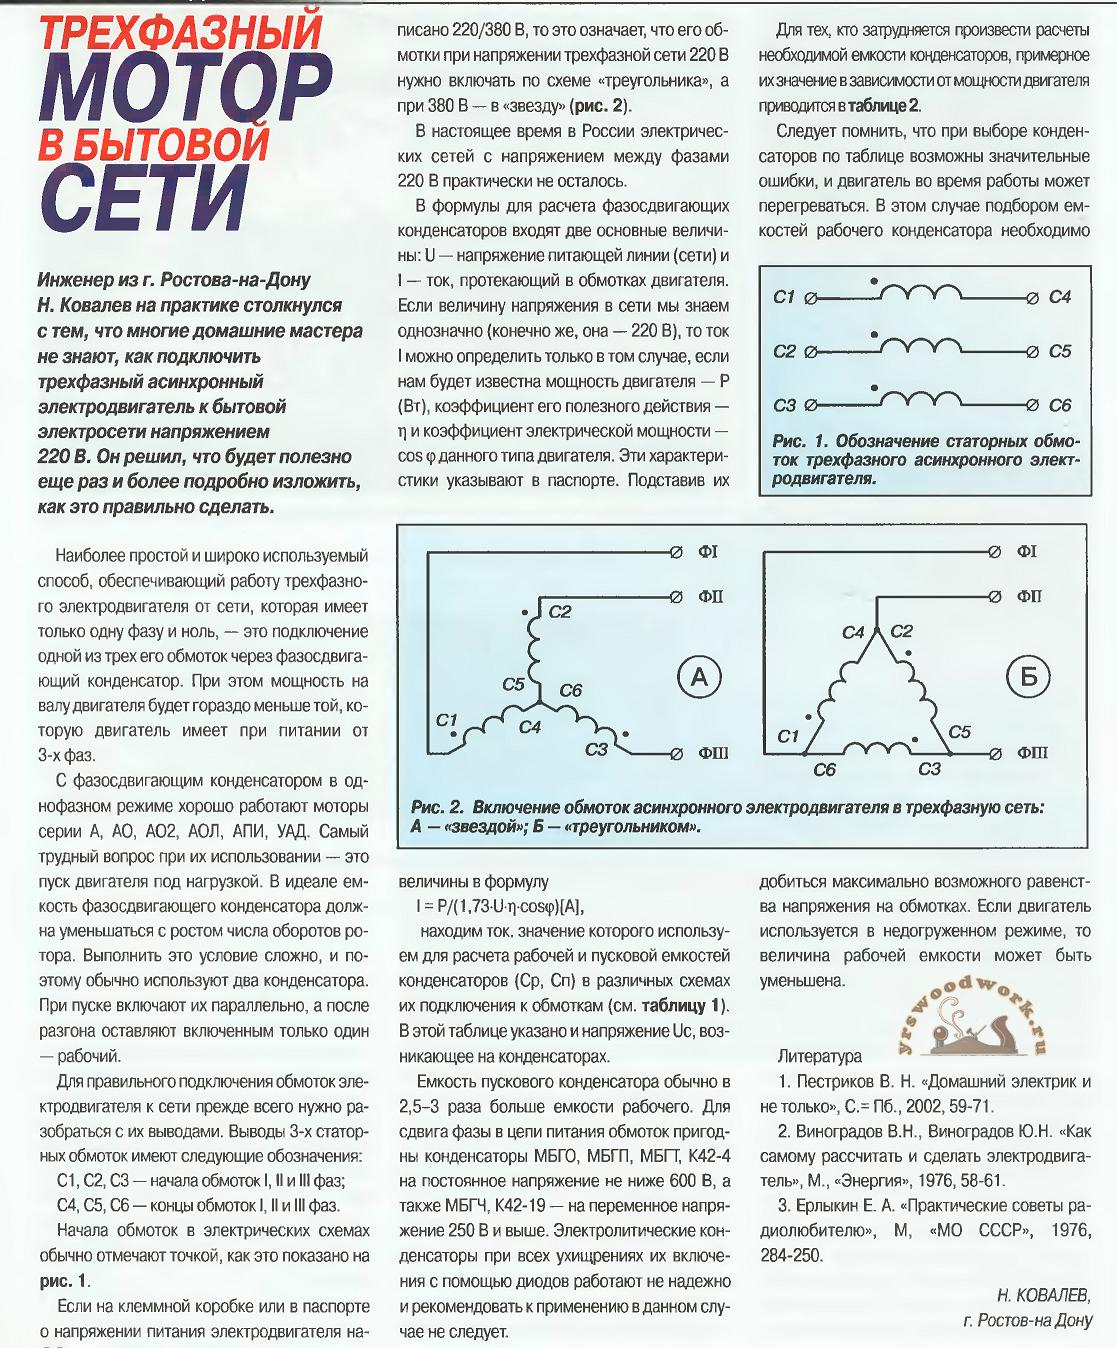 Способ, как увеличить емкость конденсатора при подключении